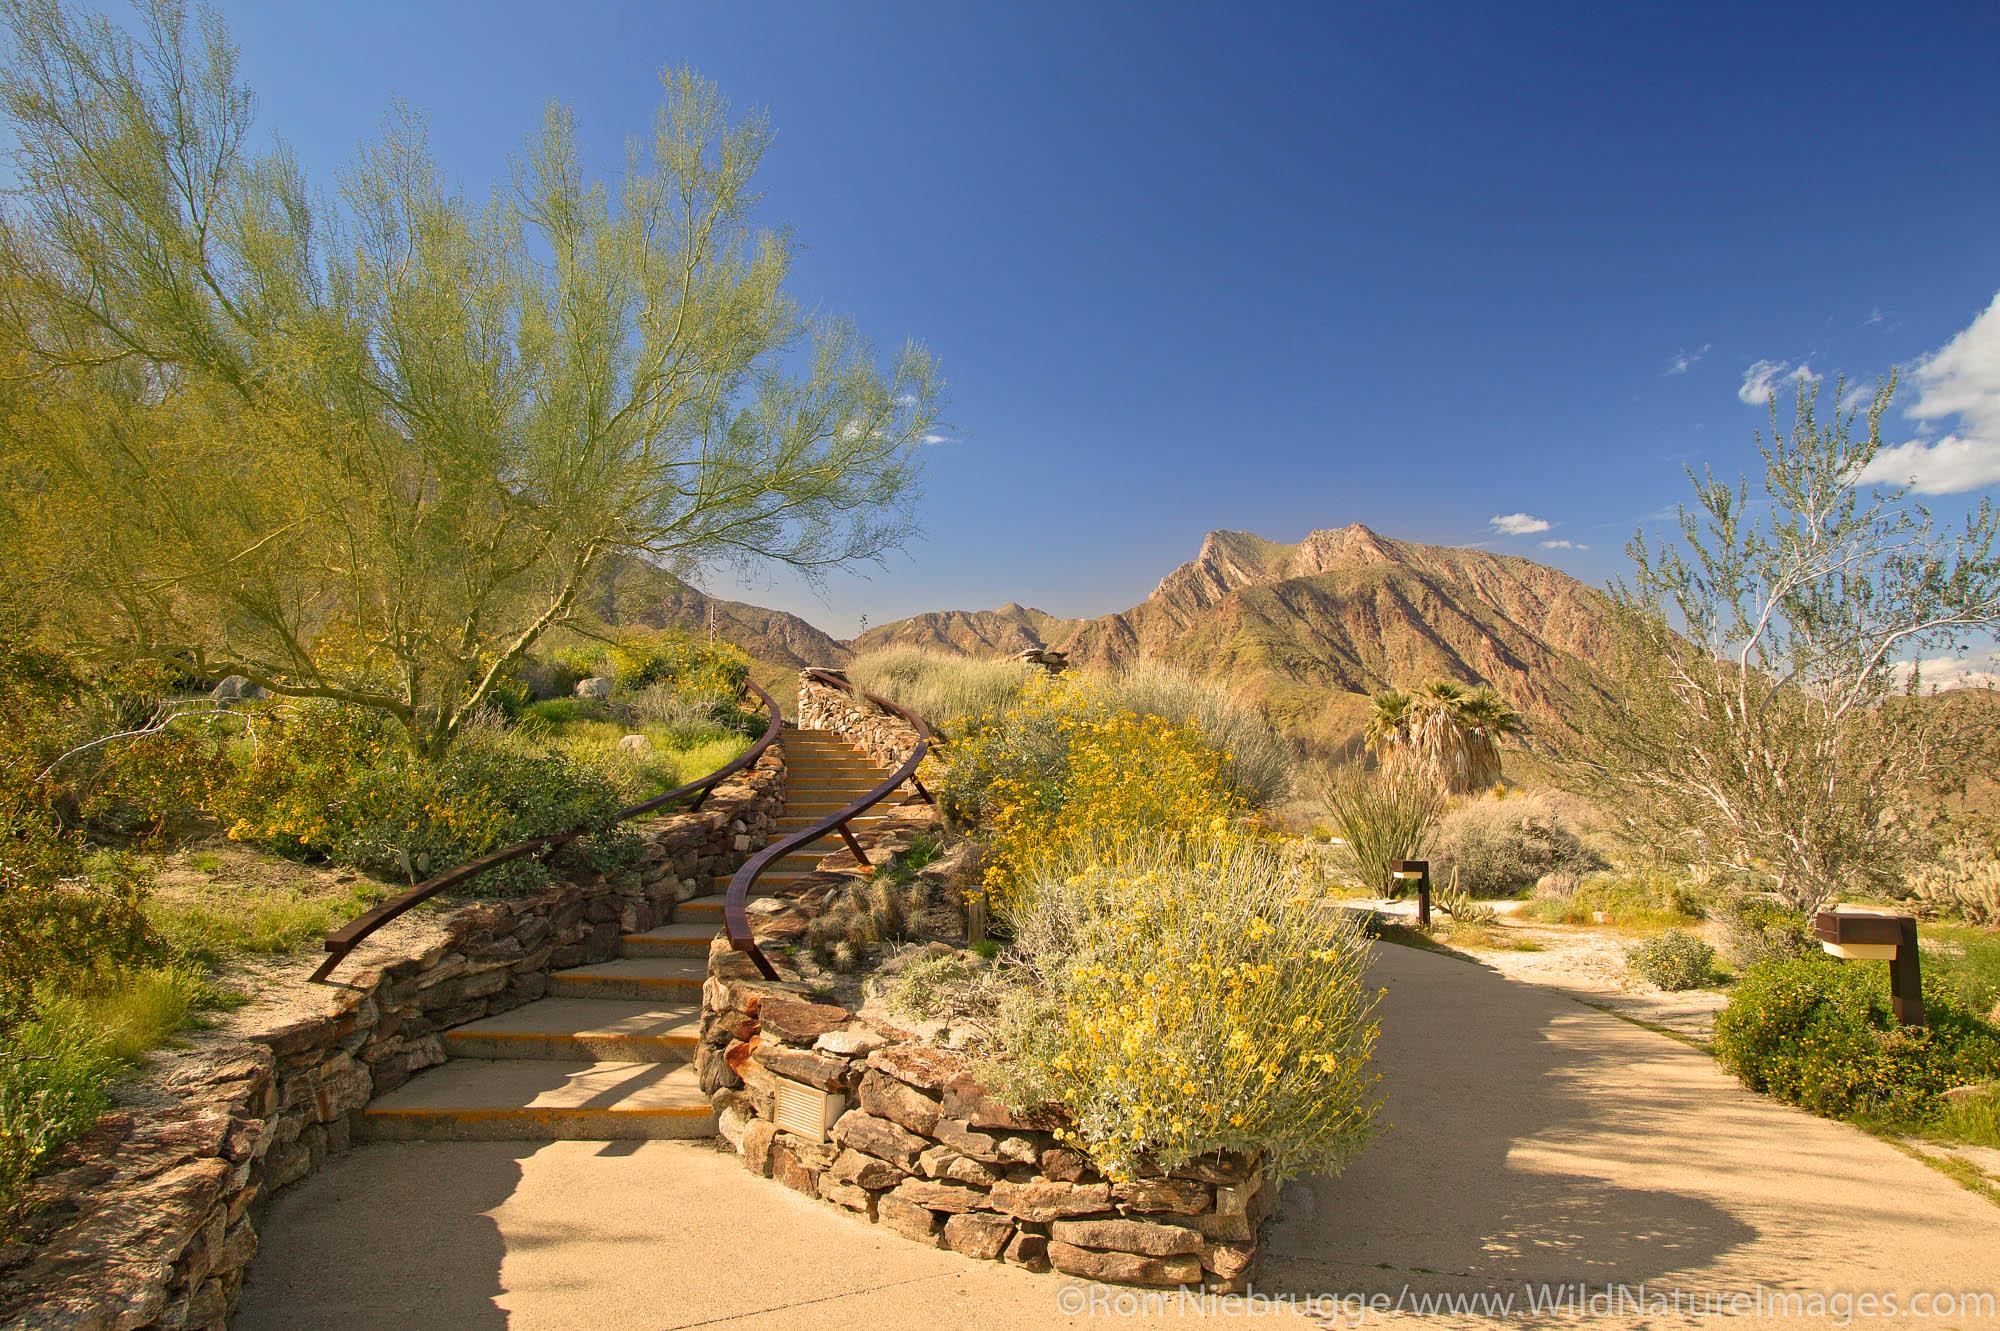 Borrego Springs Visitor Center, Anza-Borrego Desert State Park, California.